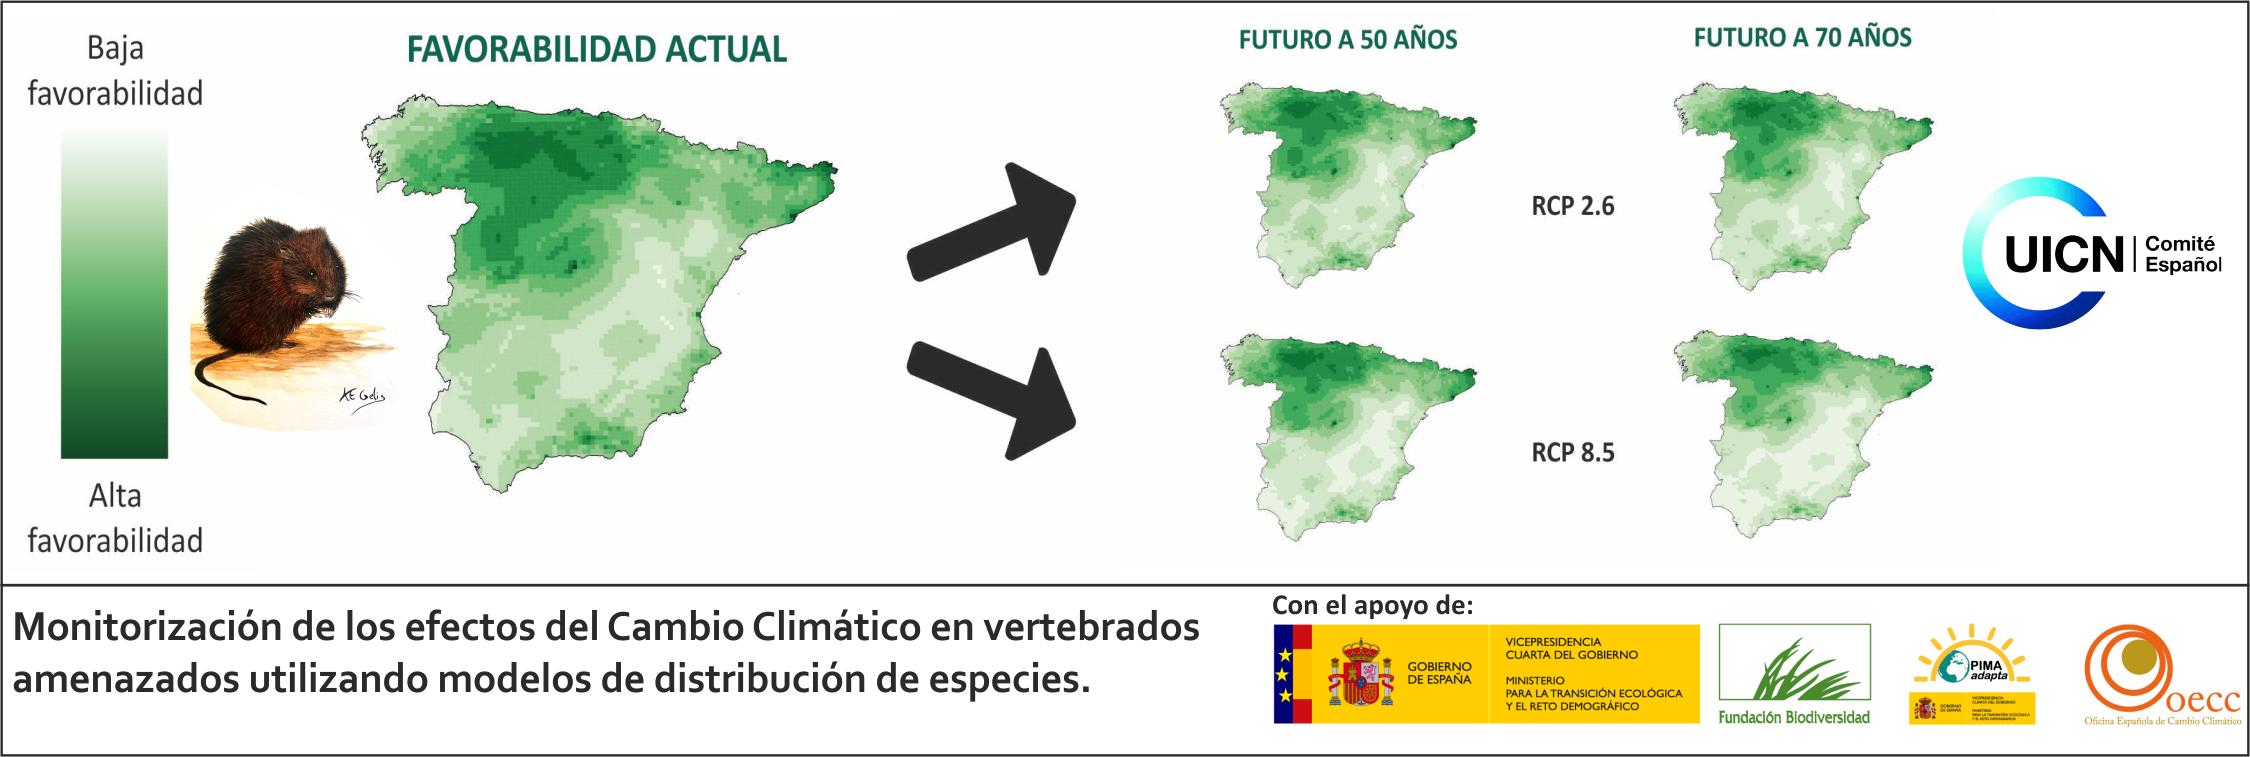 Monitorización de los efectos del cambio climático en vertebrados amenazados utilizando modelos de distribución de especies.